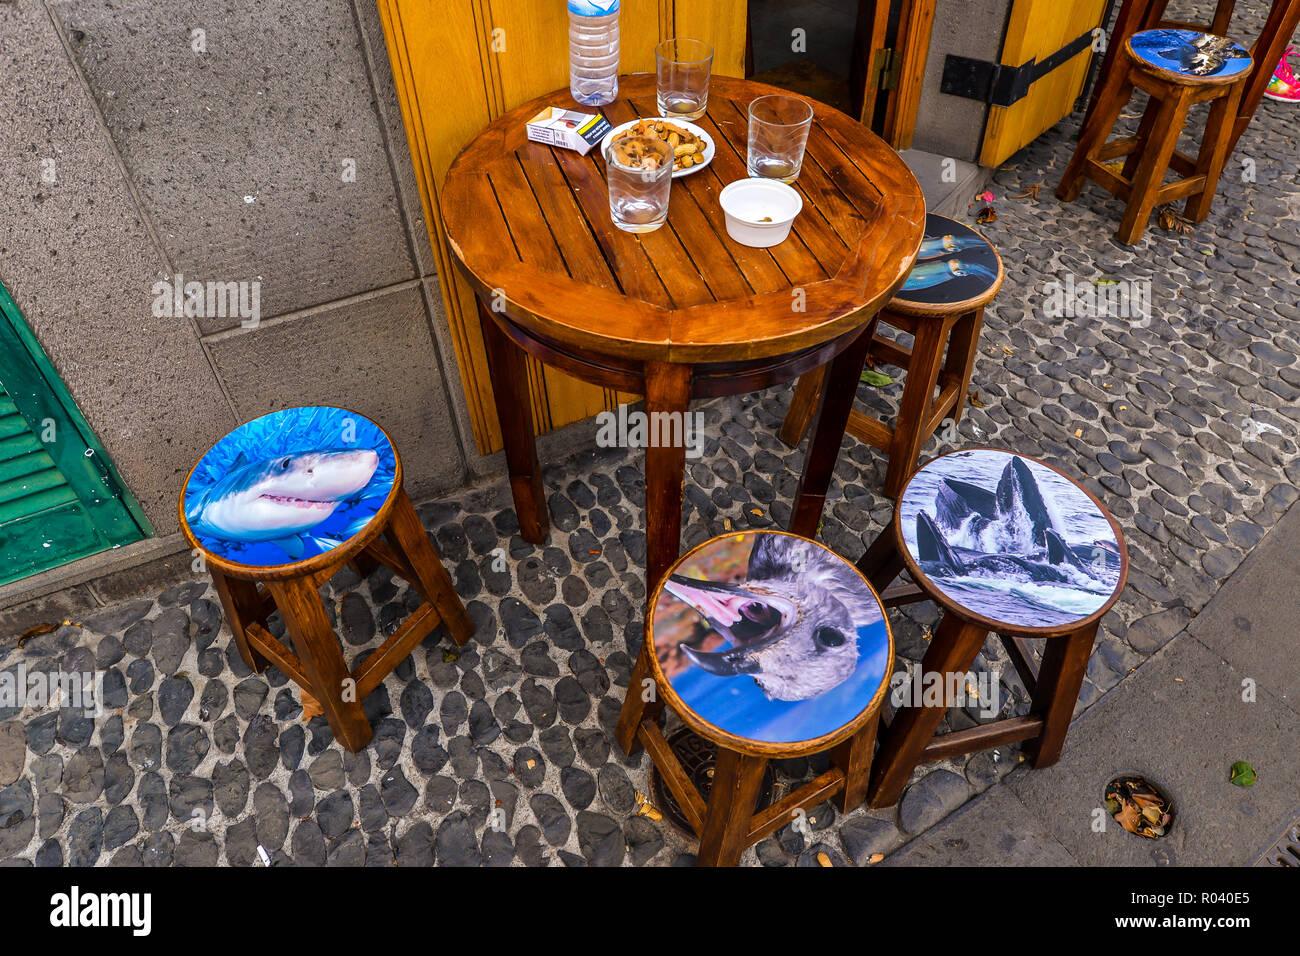 Sgabelli Da Bar Divertenti : Animale sgabelli da bar al di fuori di un caffè di camara de lobos